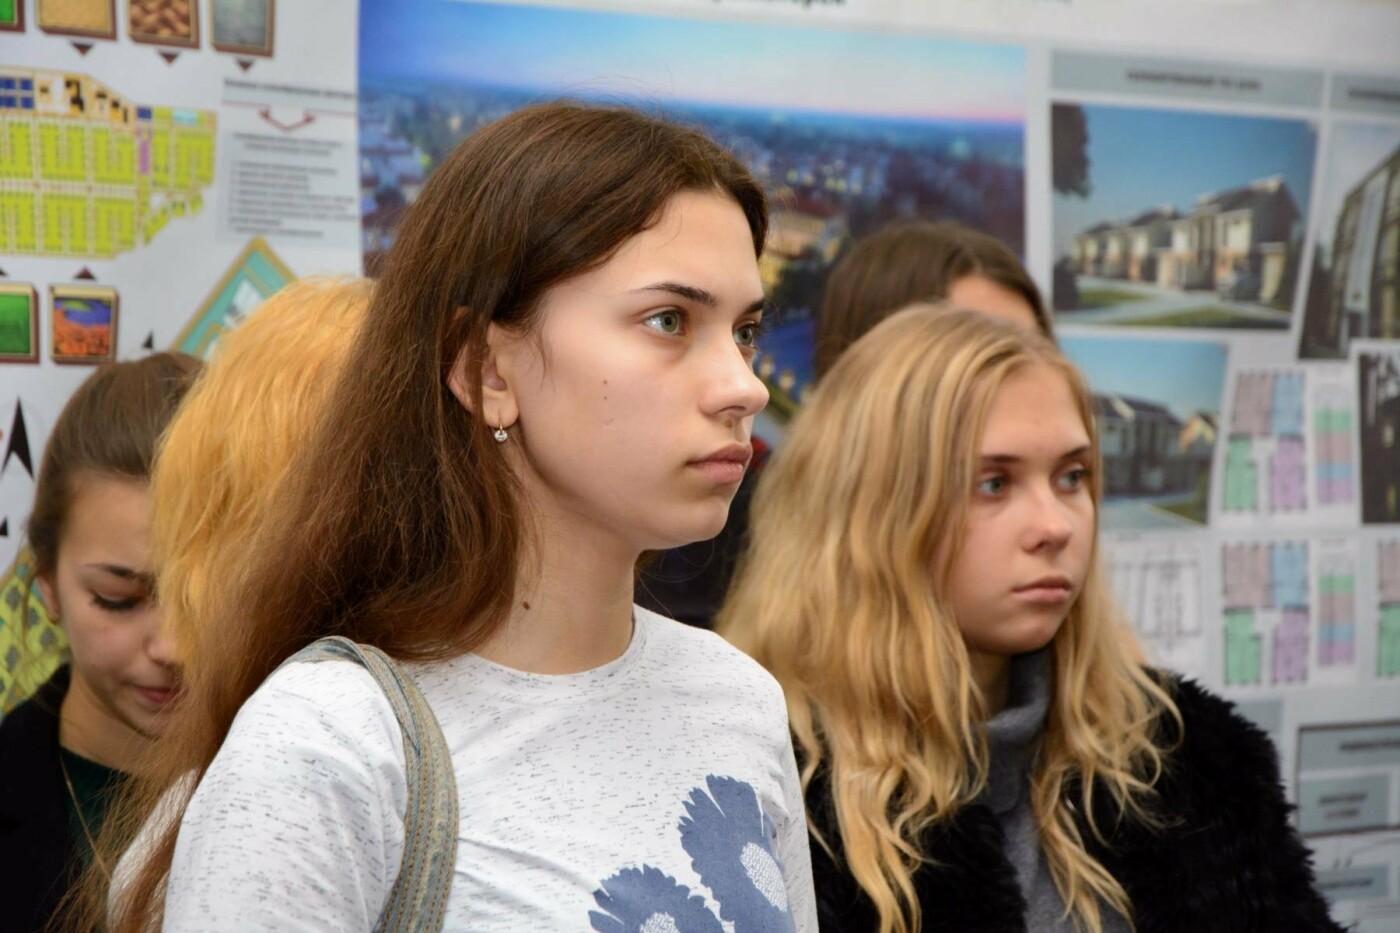 Фонд Бориса Колеснікова запустив масштабний проект для студентів з поїздкою в Дубай, фото-1